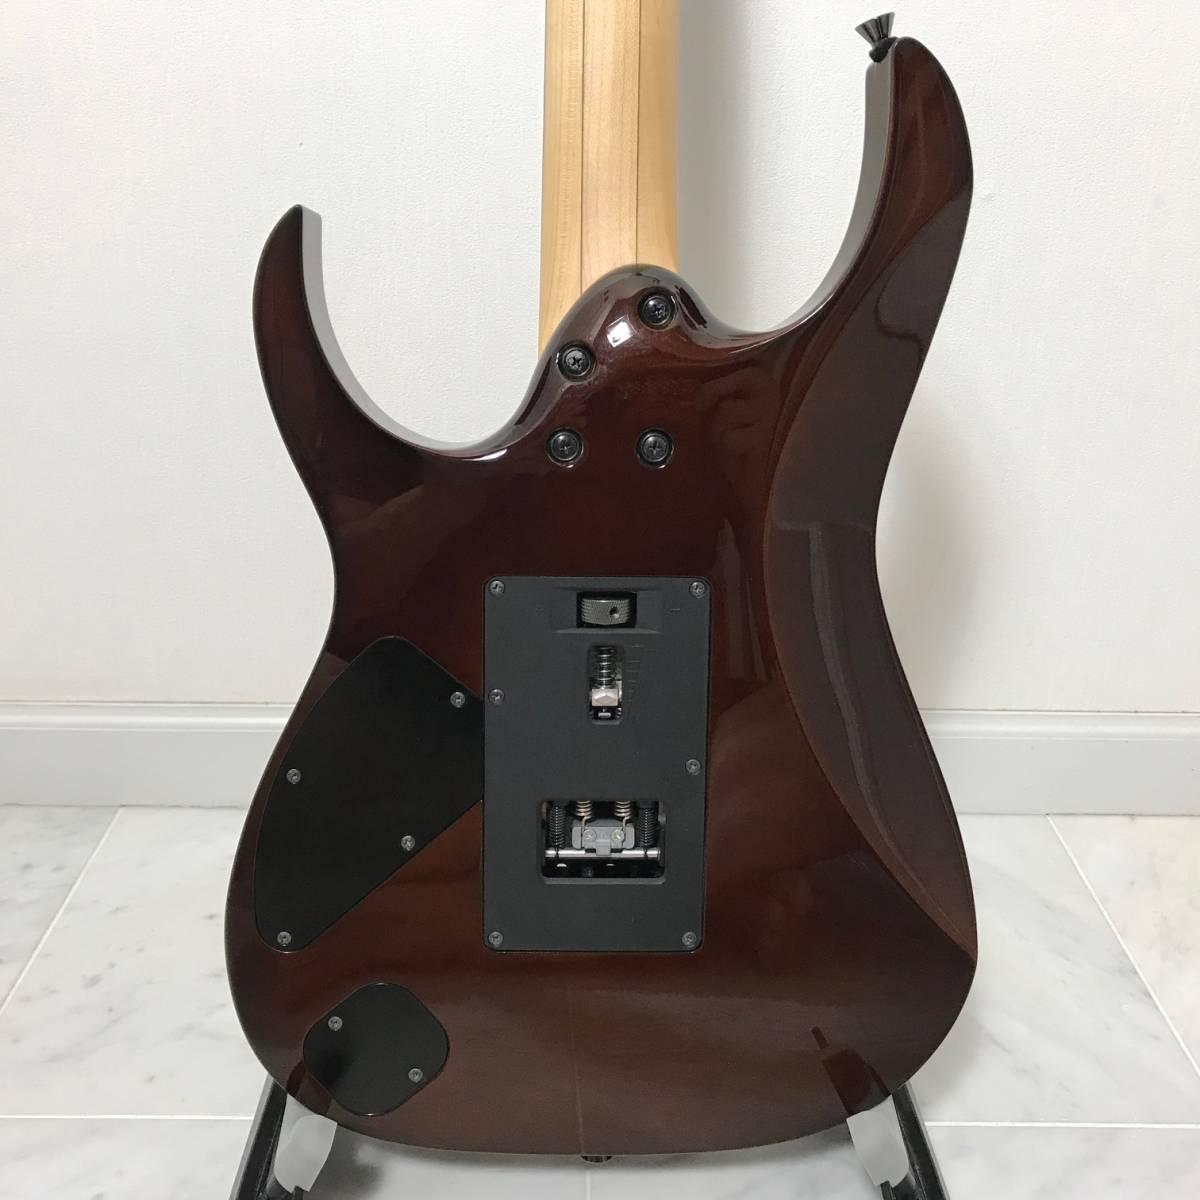 希少 美品 Ibanez J.custom RG7570Z Bright Brown Rutile 付属品 専用ハードケース付 日本製 アイバニーズ エレキギター GOTOHペグ 最高峰_画像9